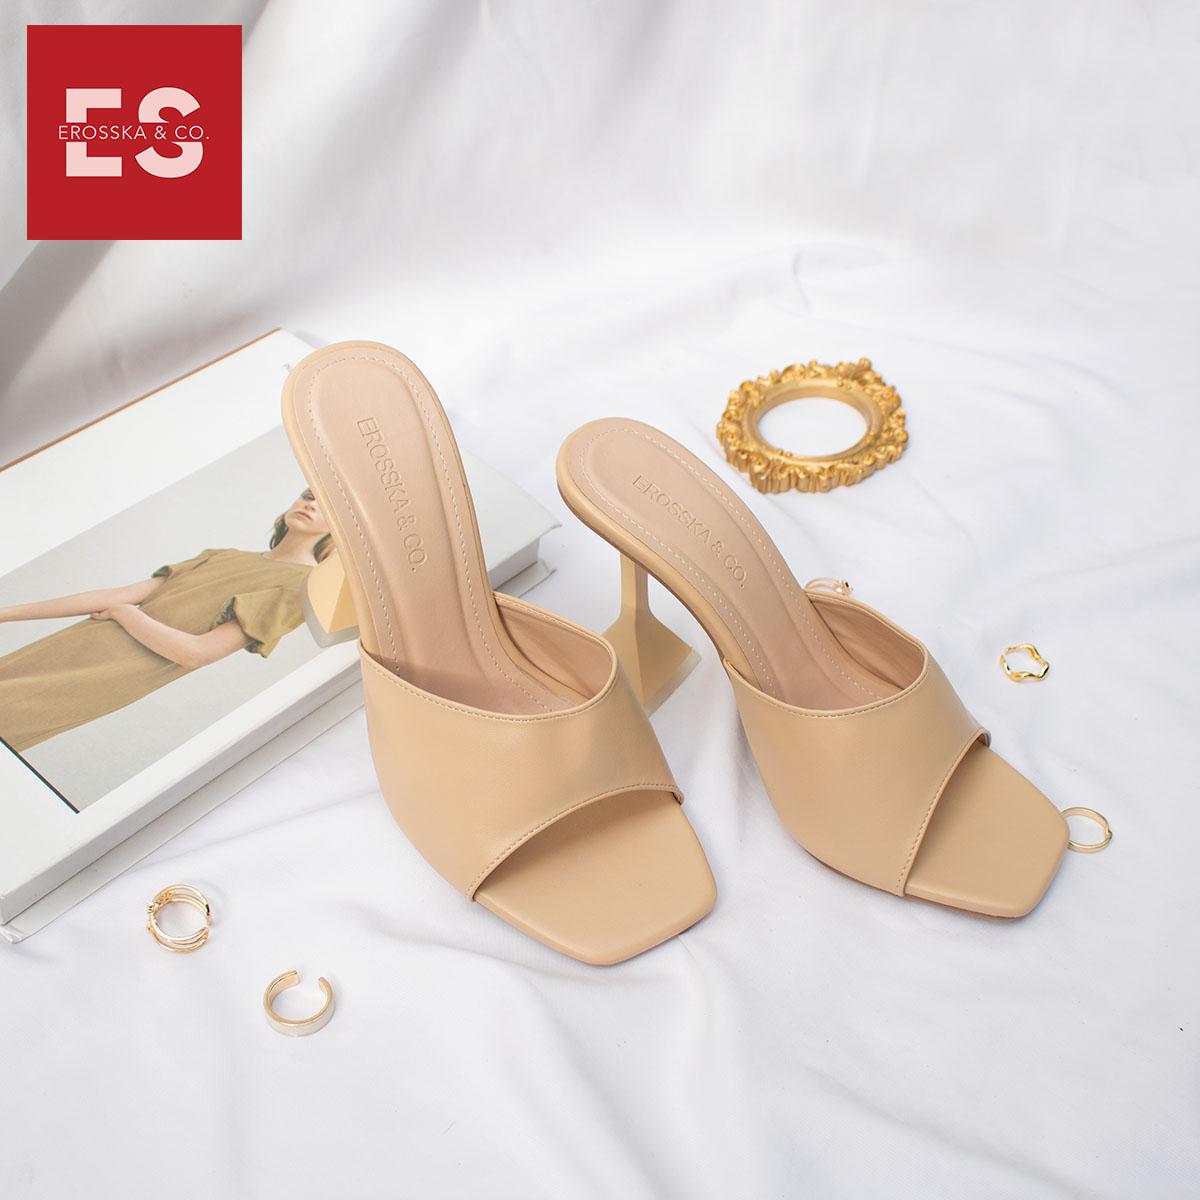 Dép cao gót thời trang Erosska mũi hở đế nhọn hình nón kiểu dáng đơn giản dễ phối đồ cao 9cm EM061